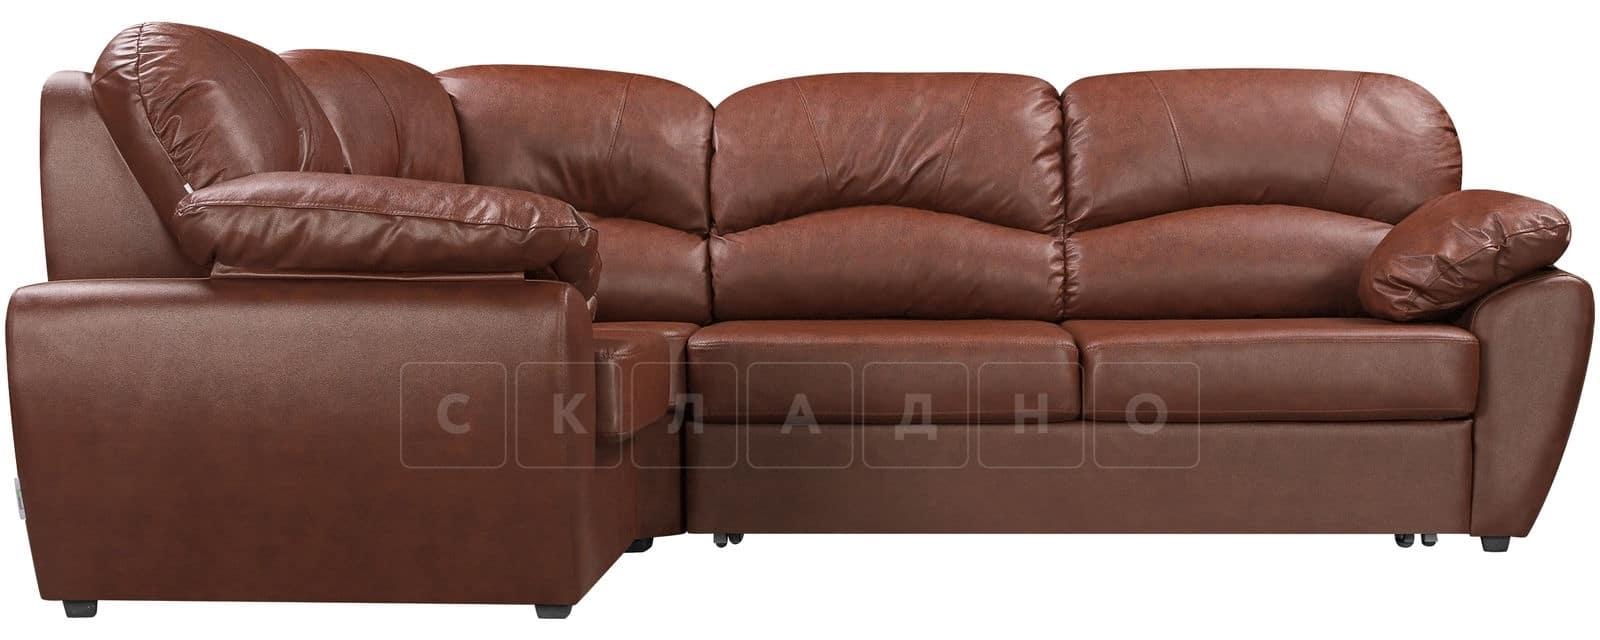 Угловой диван Эвита кожаный коричневый левый угол фото 2   интернет-магазин Складно